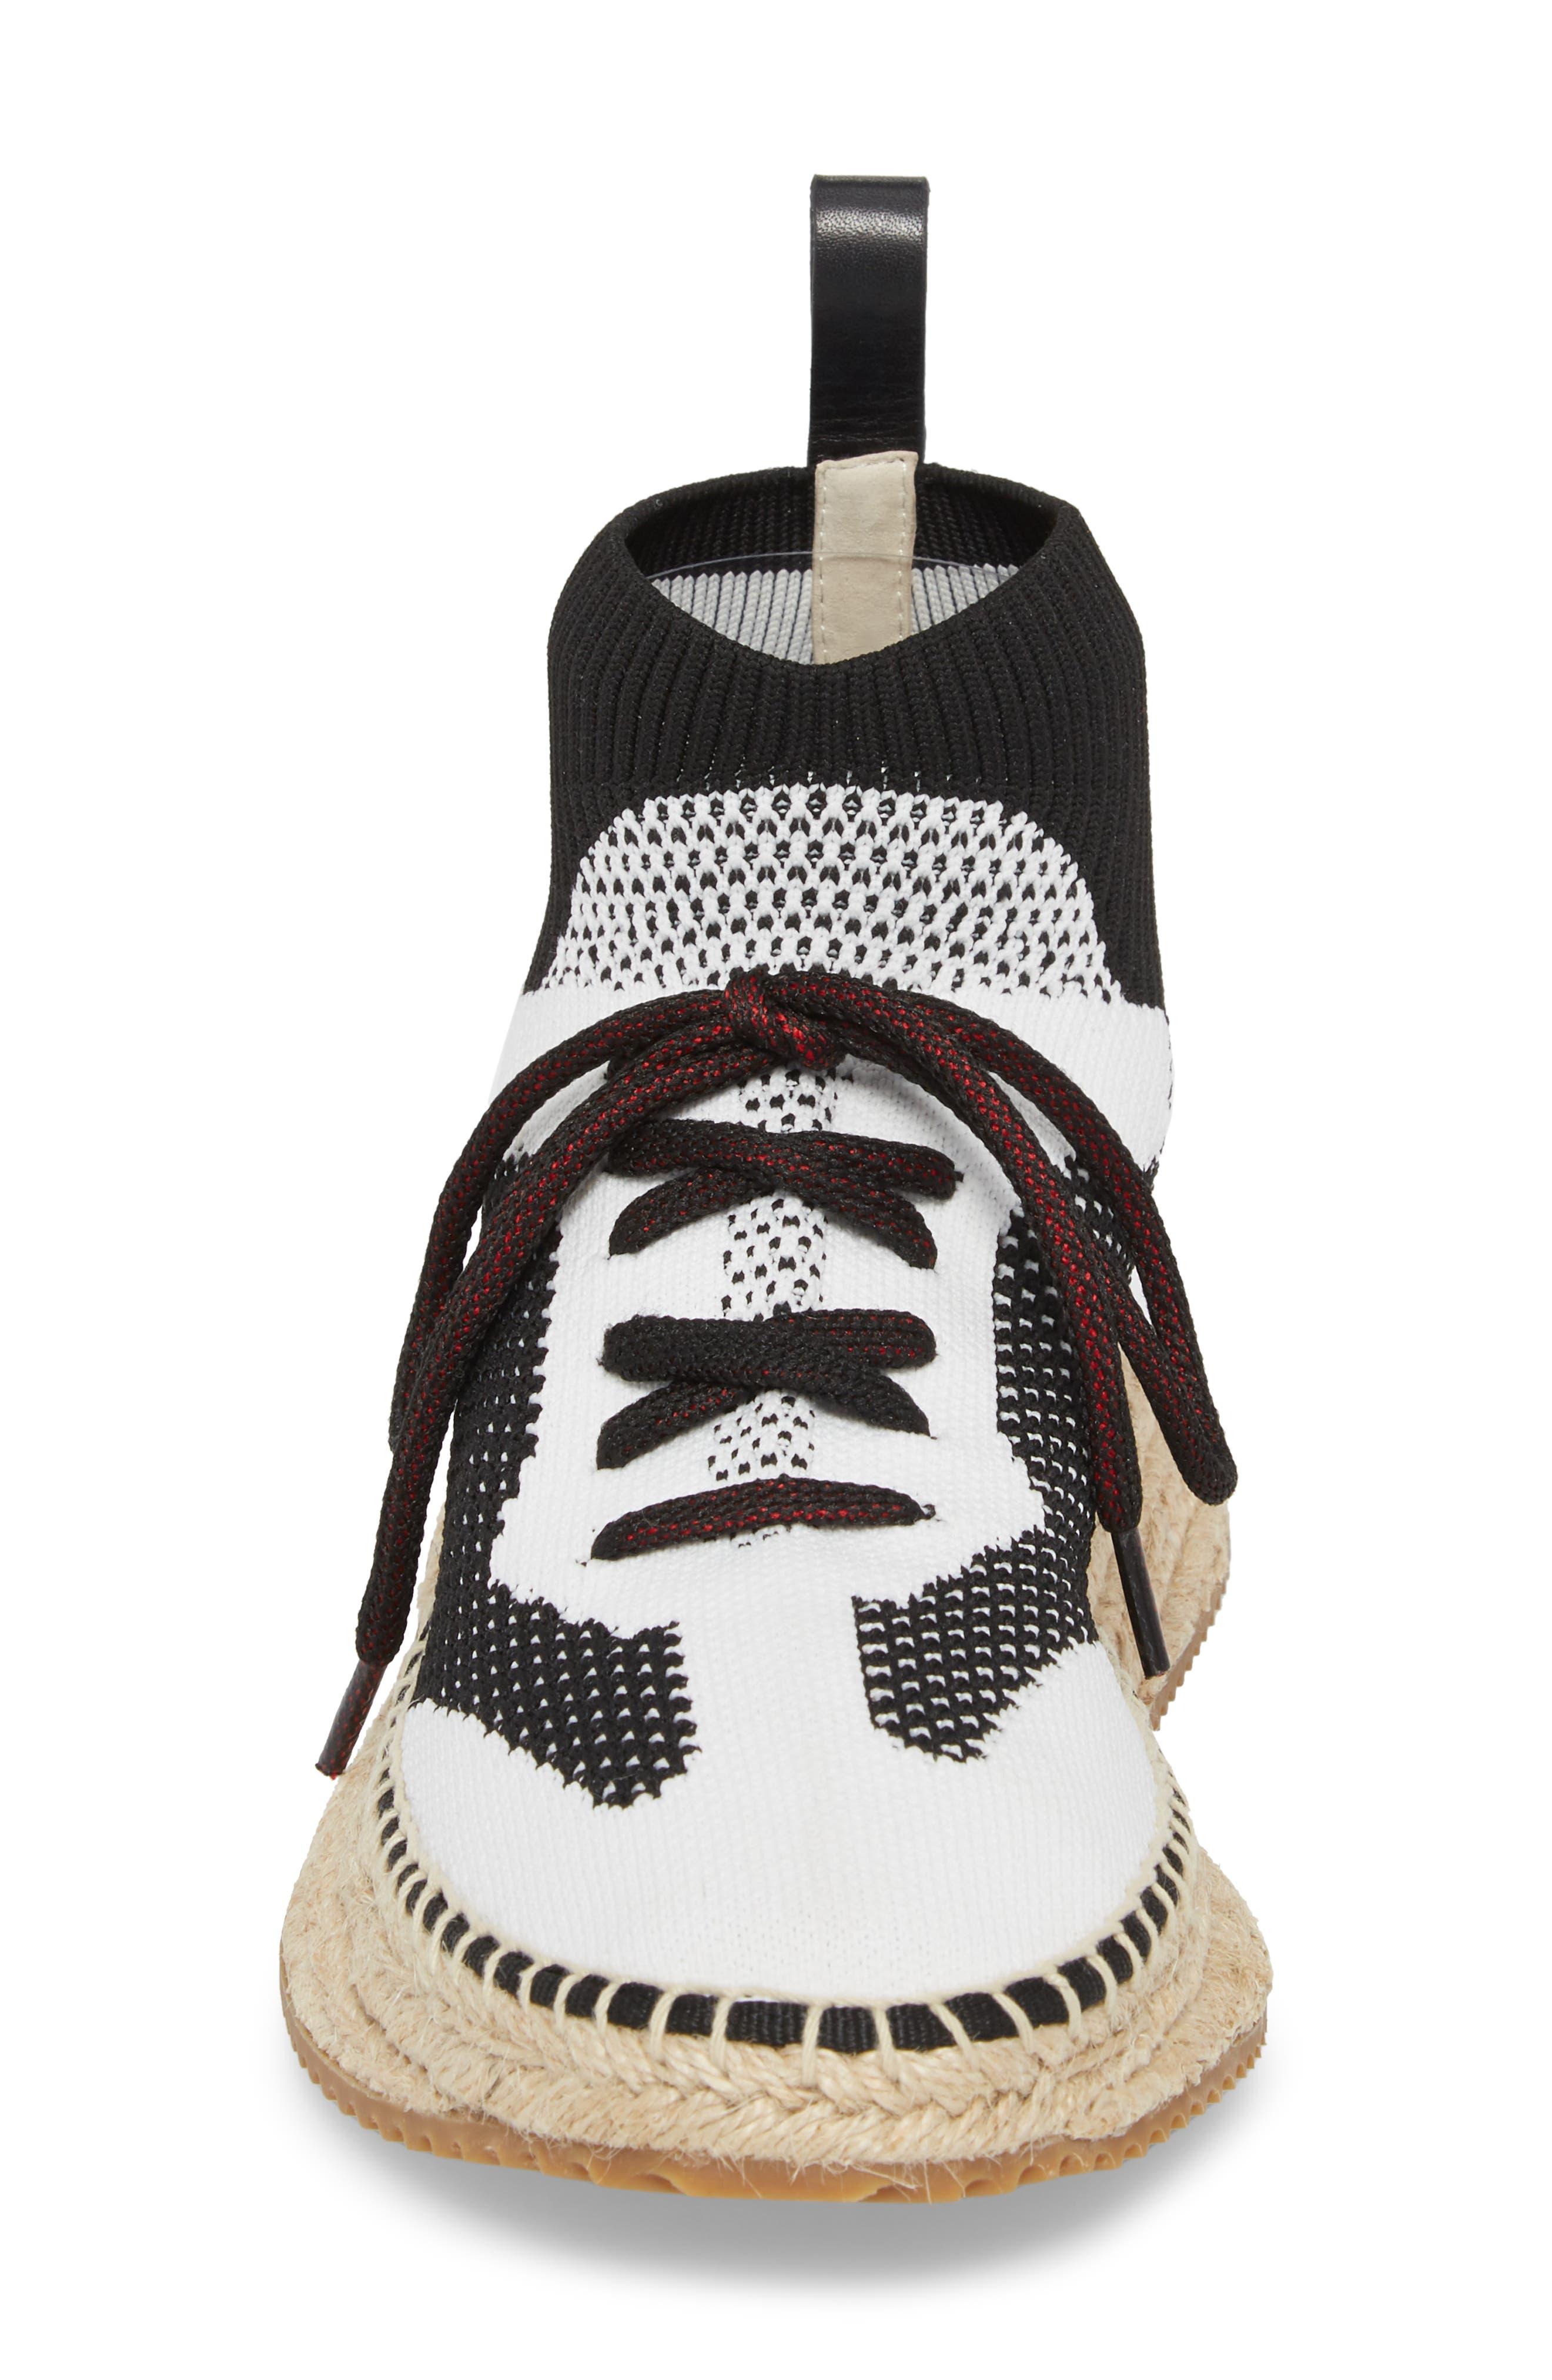 Dakota Espadrille Sock Sneaker,                             Alternate thumbnail 4, color,                             Black/ White/ Grey